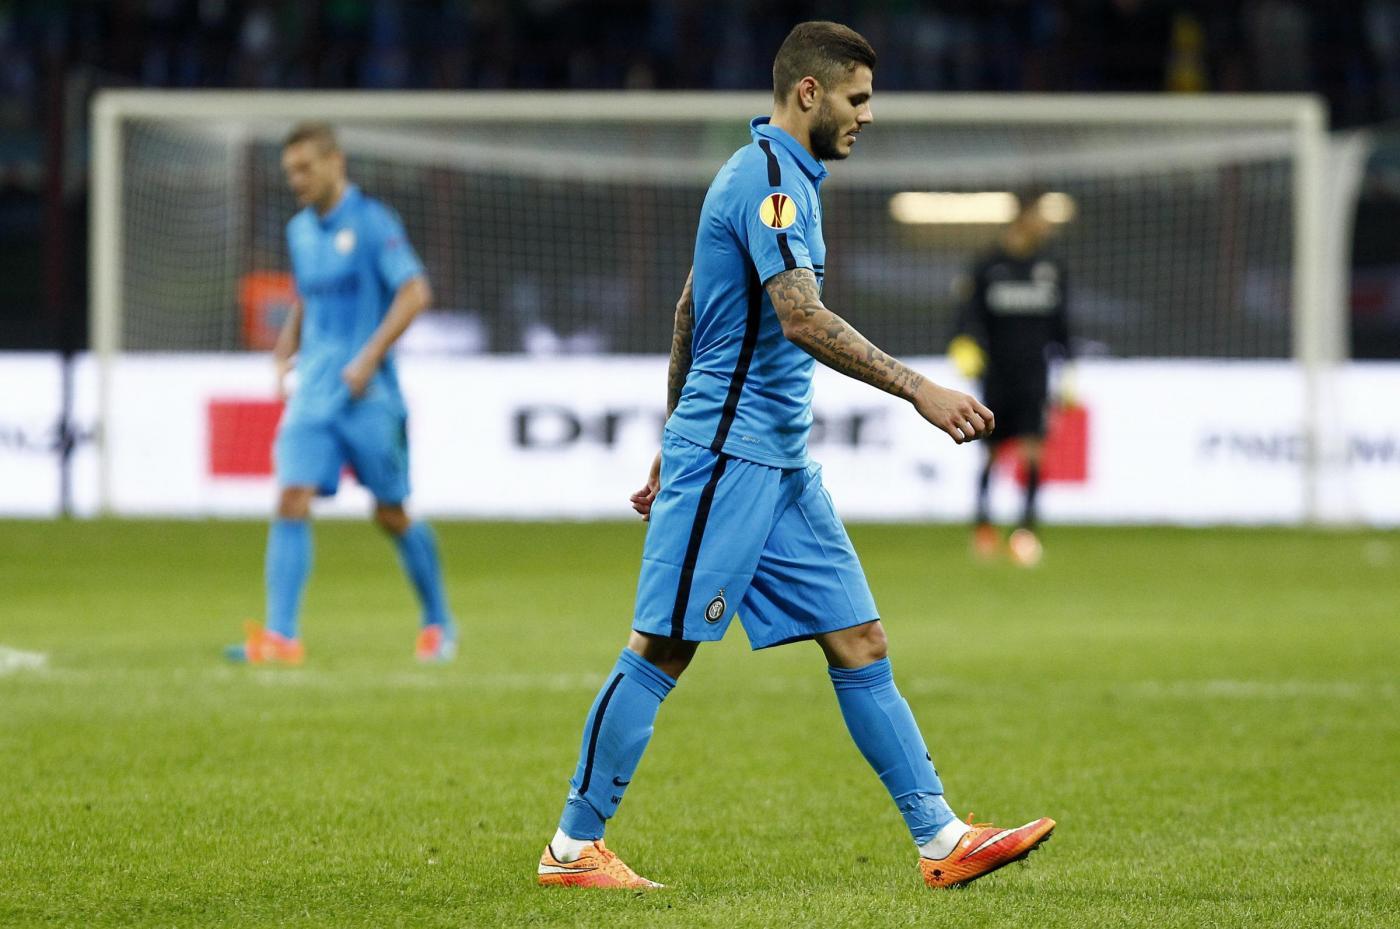 Europa League: Inter pareggia 1-1 e rimane in testa nel girone